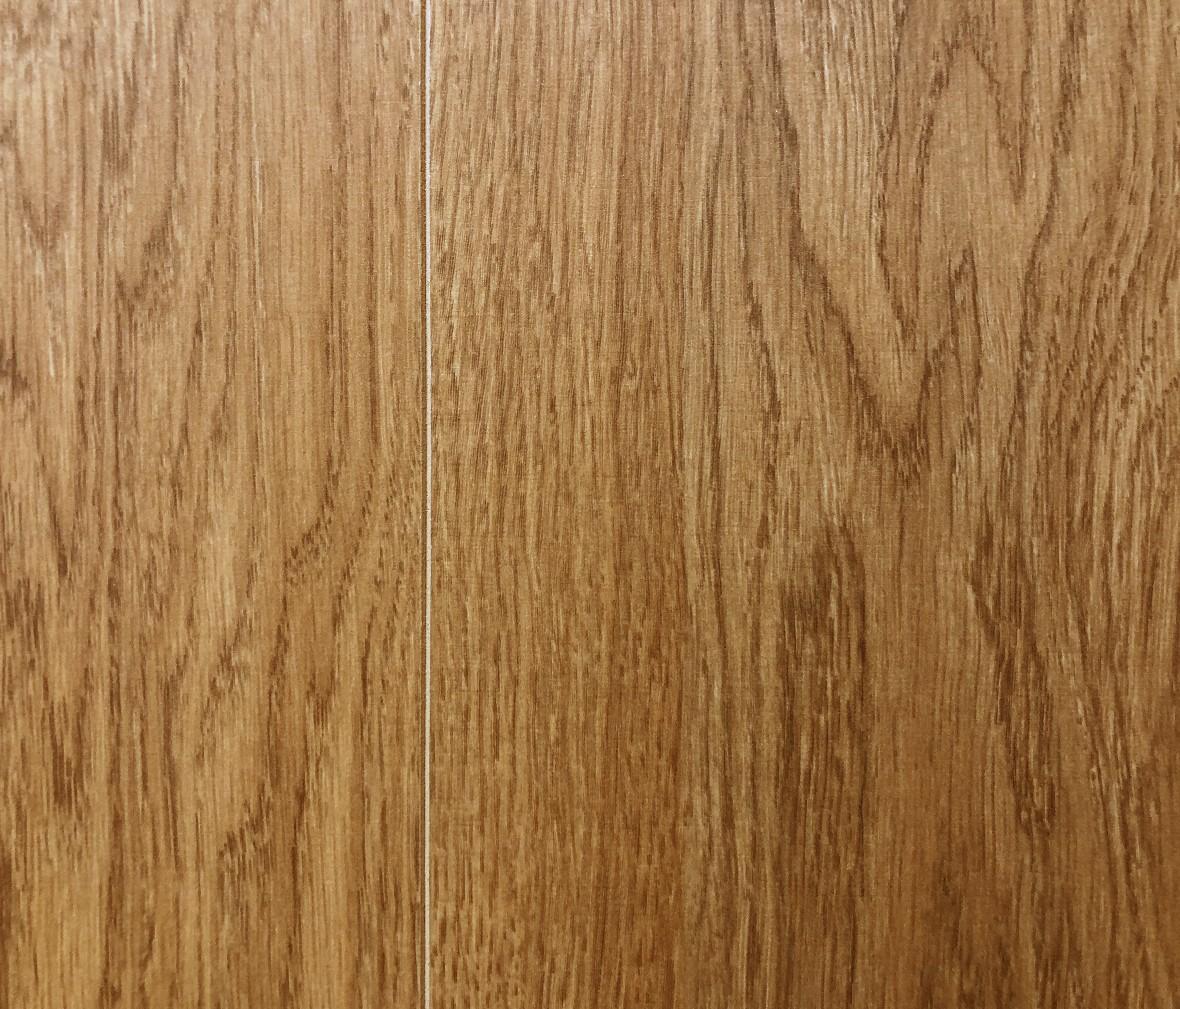 金钢鹦鹉地板 潮流系列6003型号进口强化地板 高密度板材质客卧地板 图片、价格、品牌、评测样样齐全!【蓝景商城正品行货,蓝景丽家大钟寺家居广场提货,北京地区配送,领券更优惠,线上线下同品同价,立即购买享受更多优惠哦!】